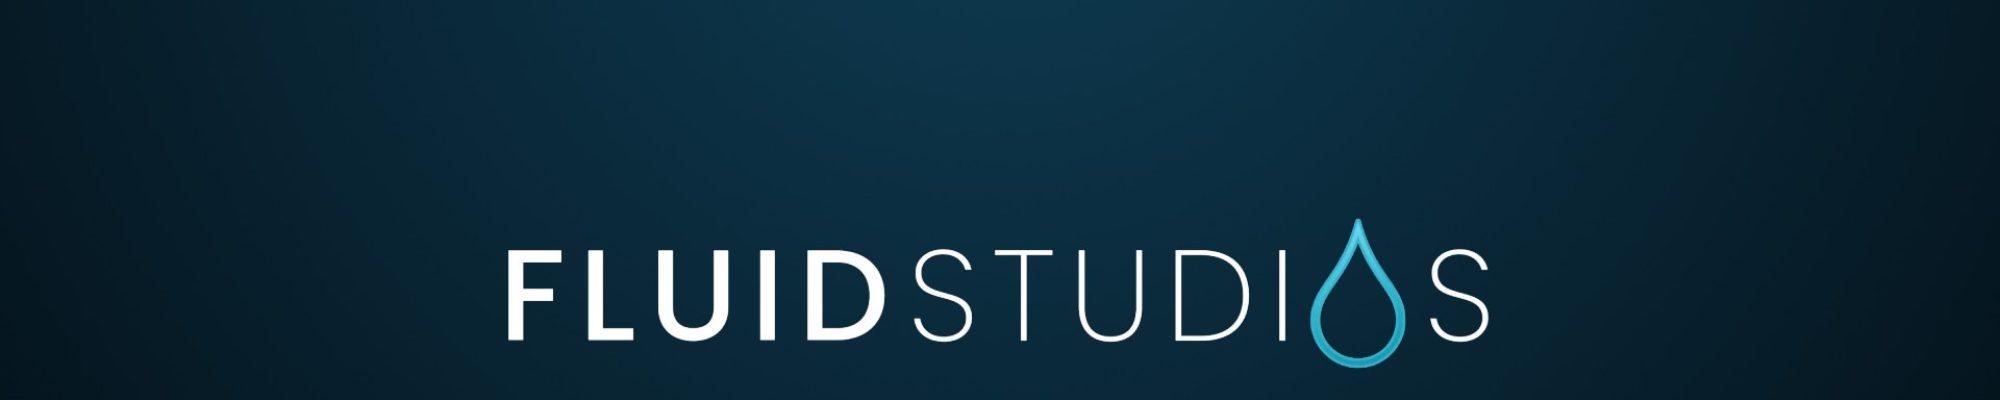 Fluidstudios.com